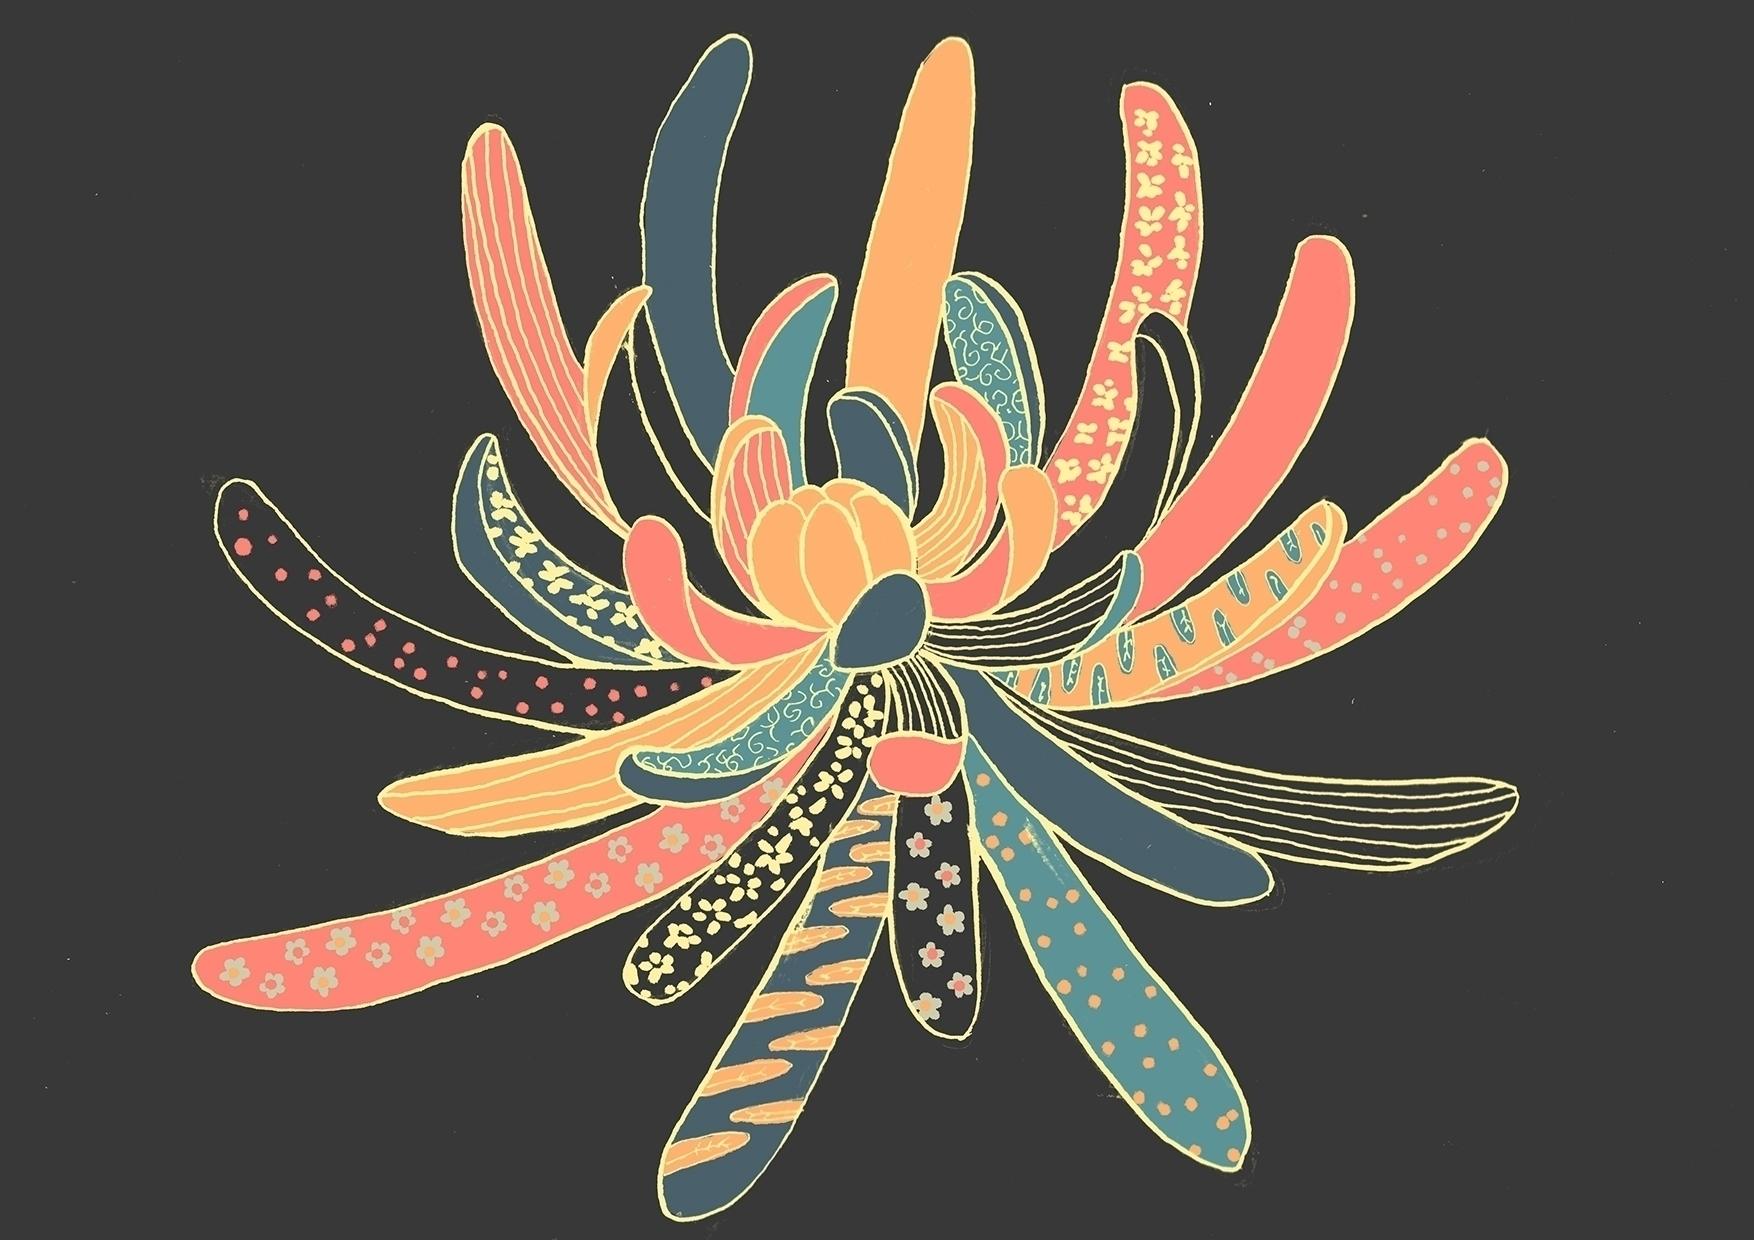 Title: Chrysanthemum Magic Bio - mayumiharyoto | ello